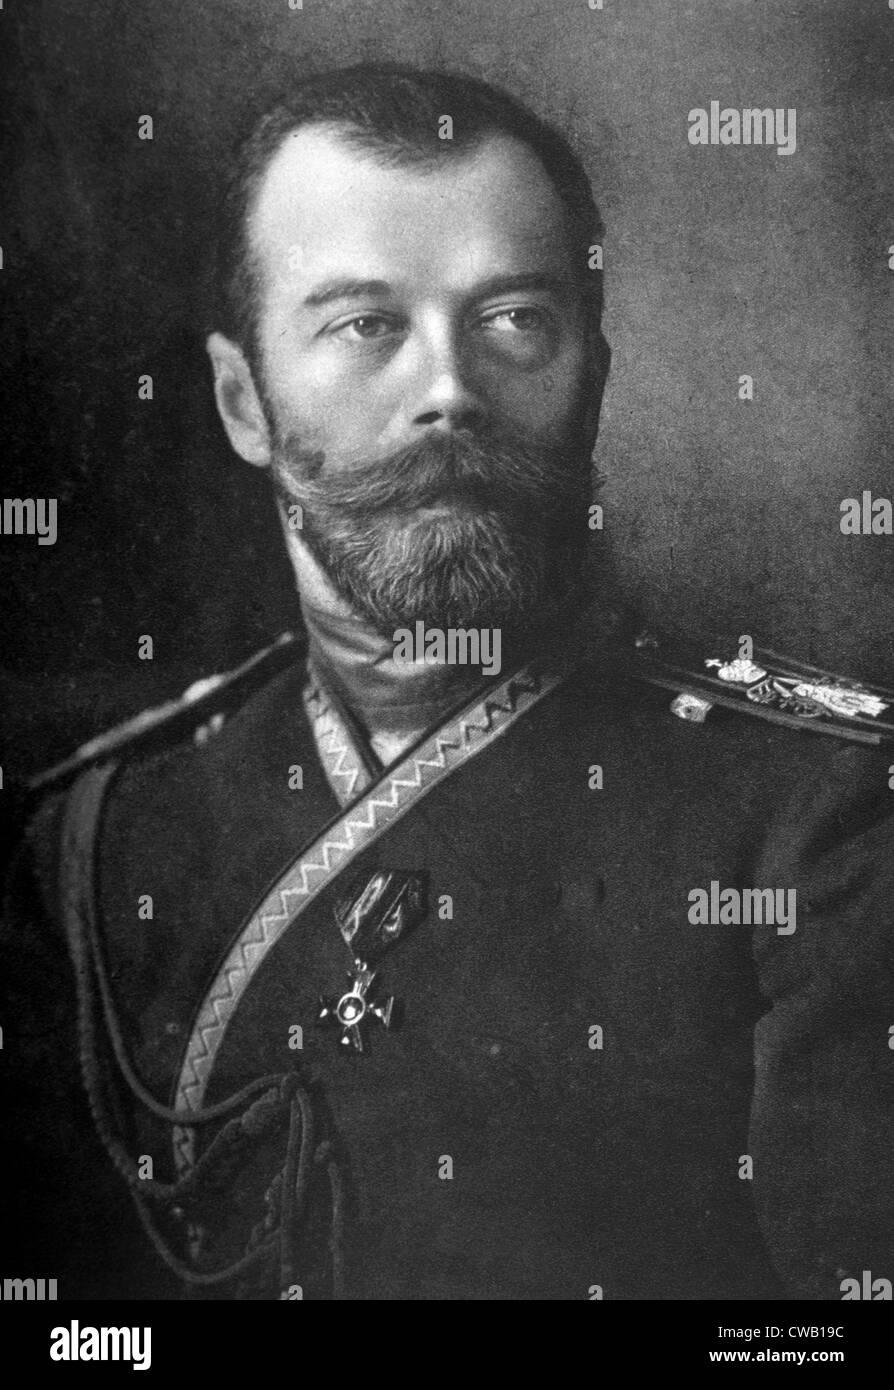 Czar Nicholas II (1868-1918), Czar of Russia (1894-1917) - Stock Image